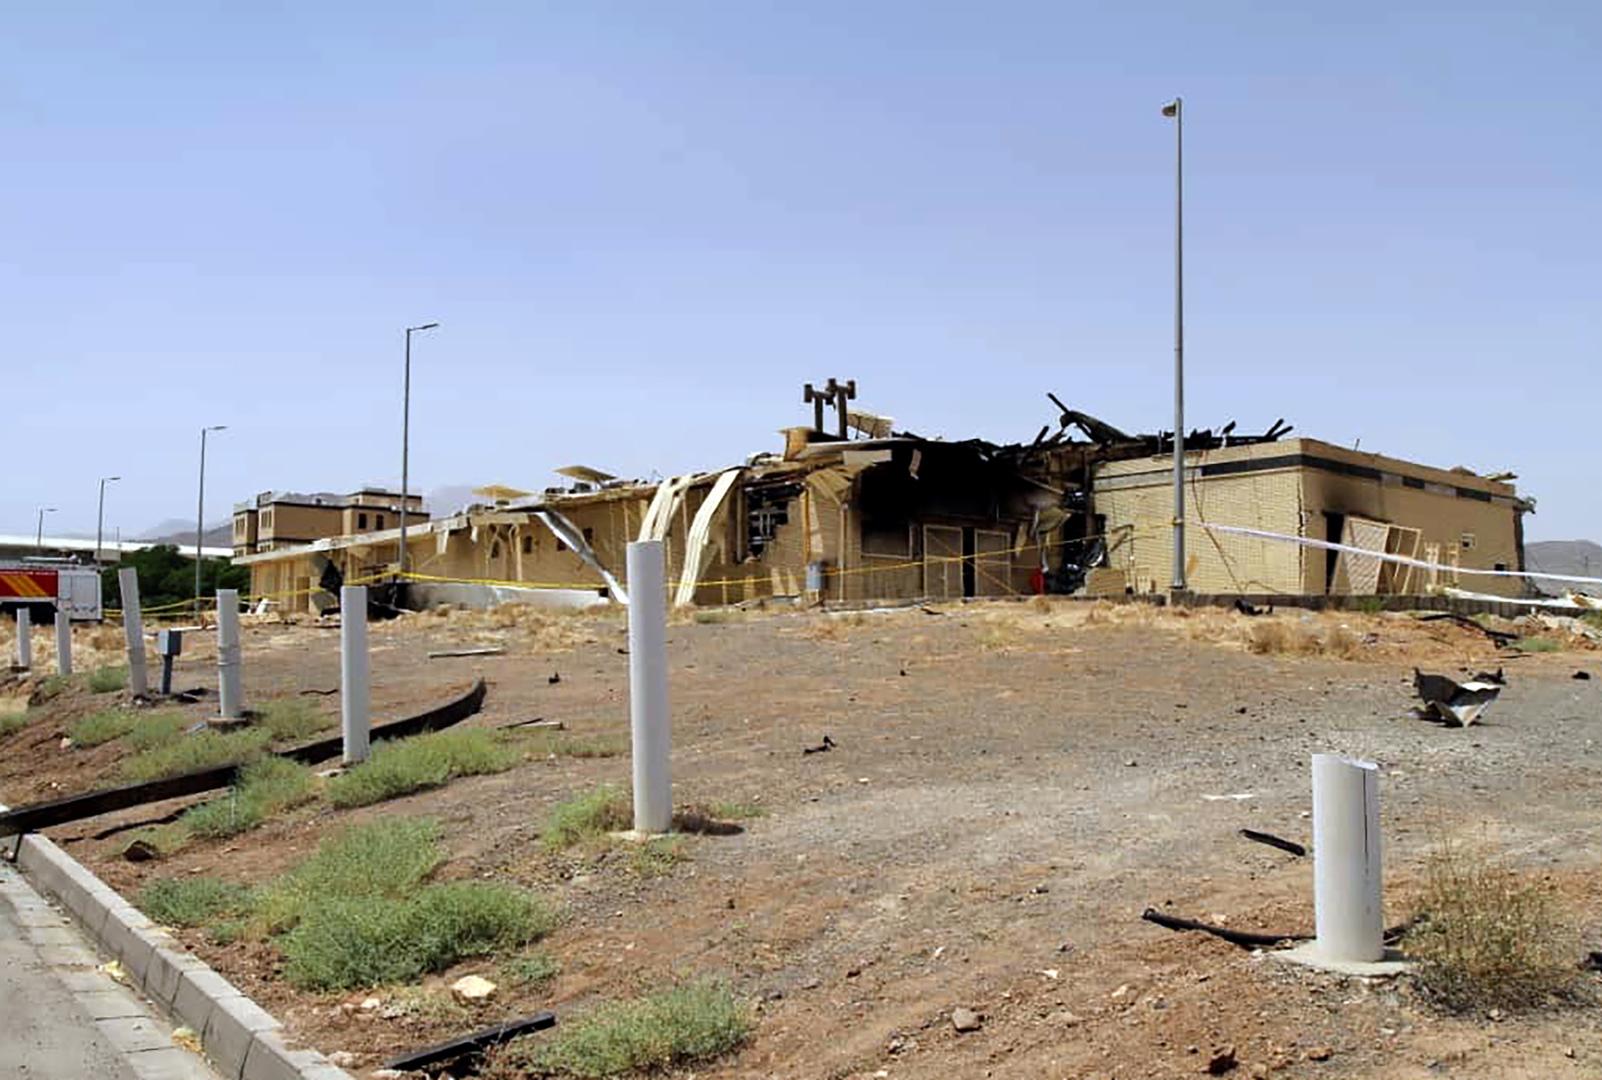 Angriff oder Unfall? Mysteriöse Explosionsserie erschüttert den Iran